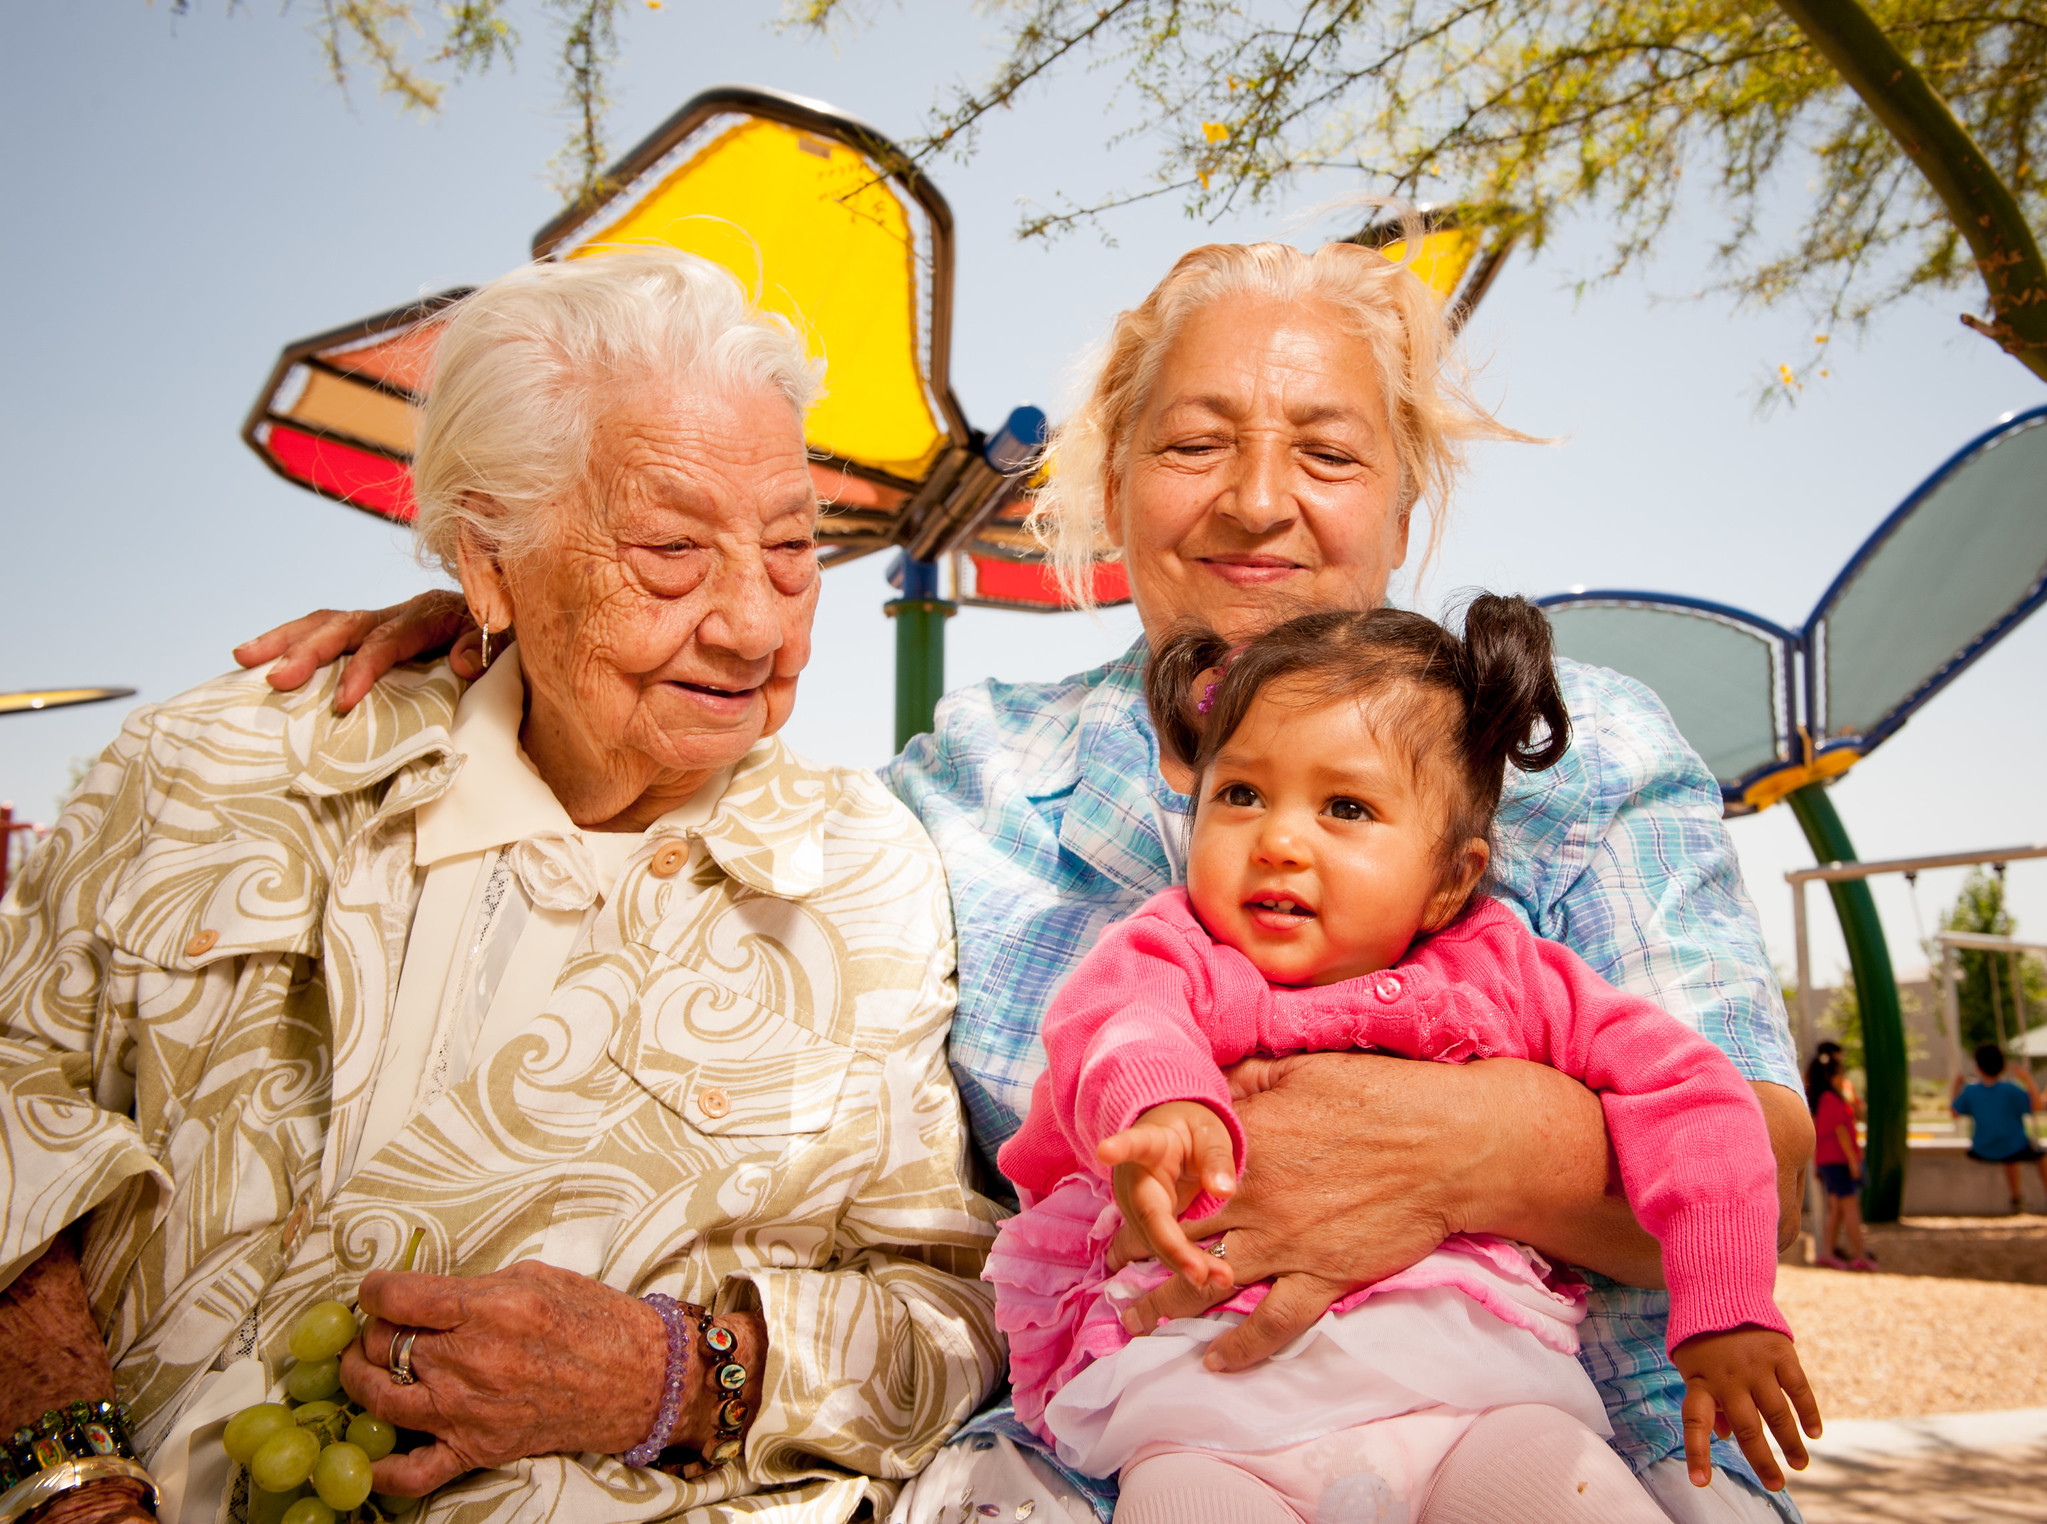 Fiestas Intergeneracionales durante COVID: ¡Celebre el Día Nacional de Escuchar!